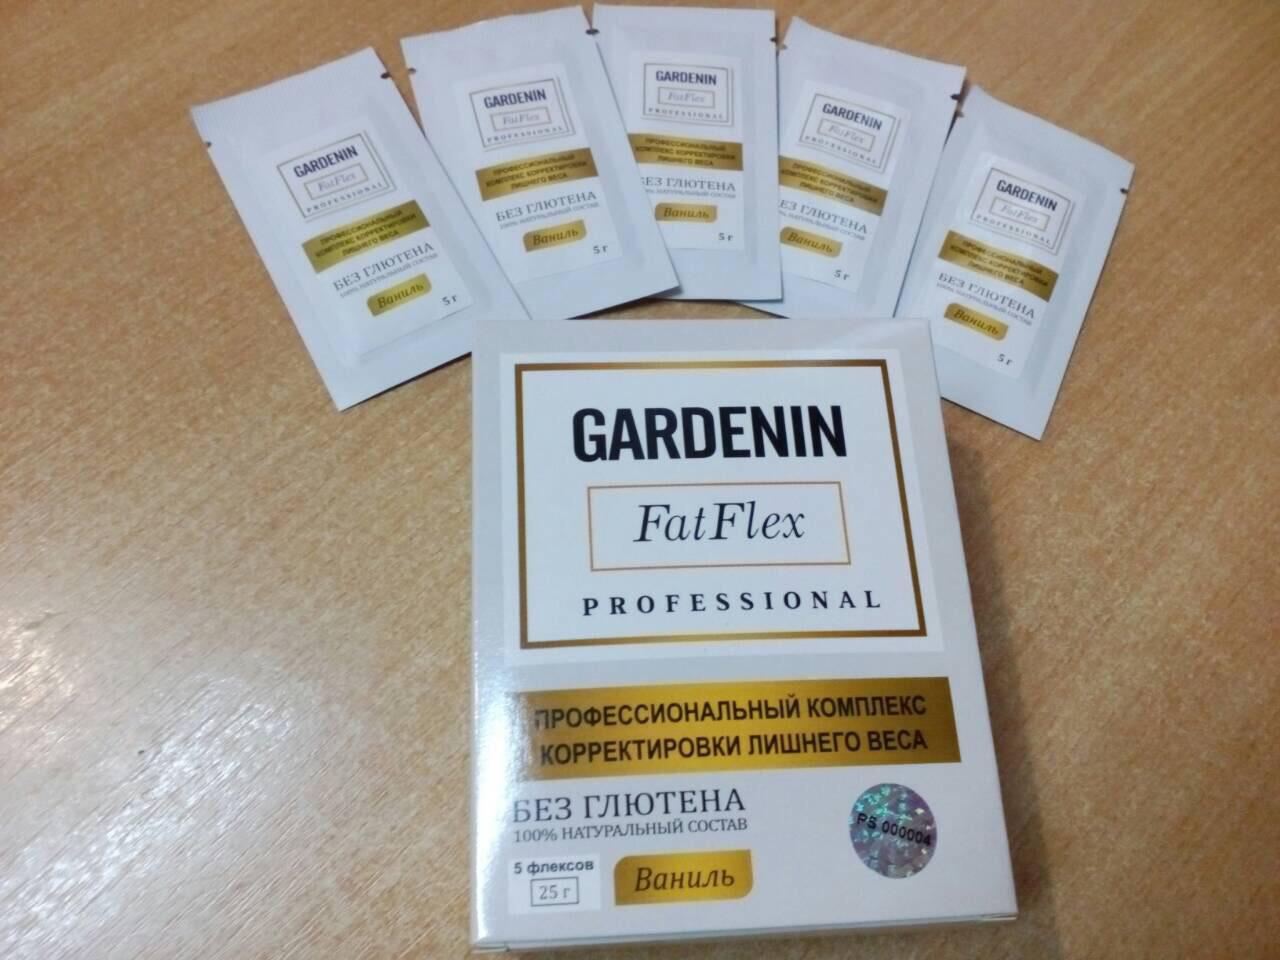 Gardenin FatFlex - Комплекс для снижения веса (Гарденин ФатФлекс) 5 пак по 25 гр